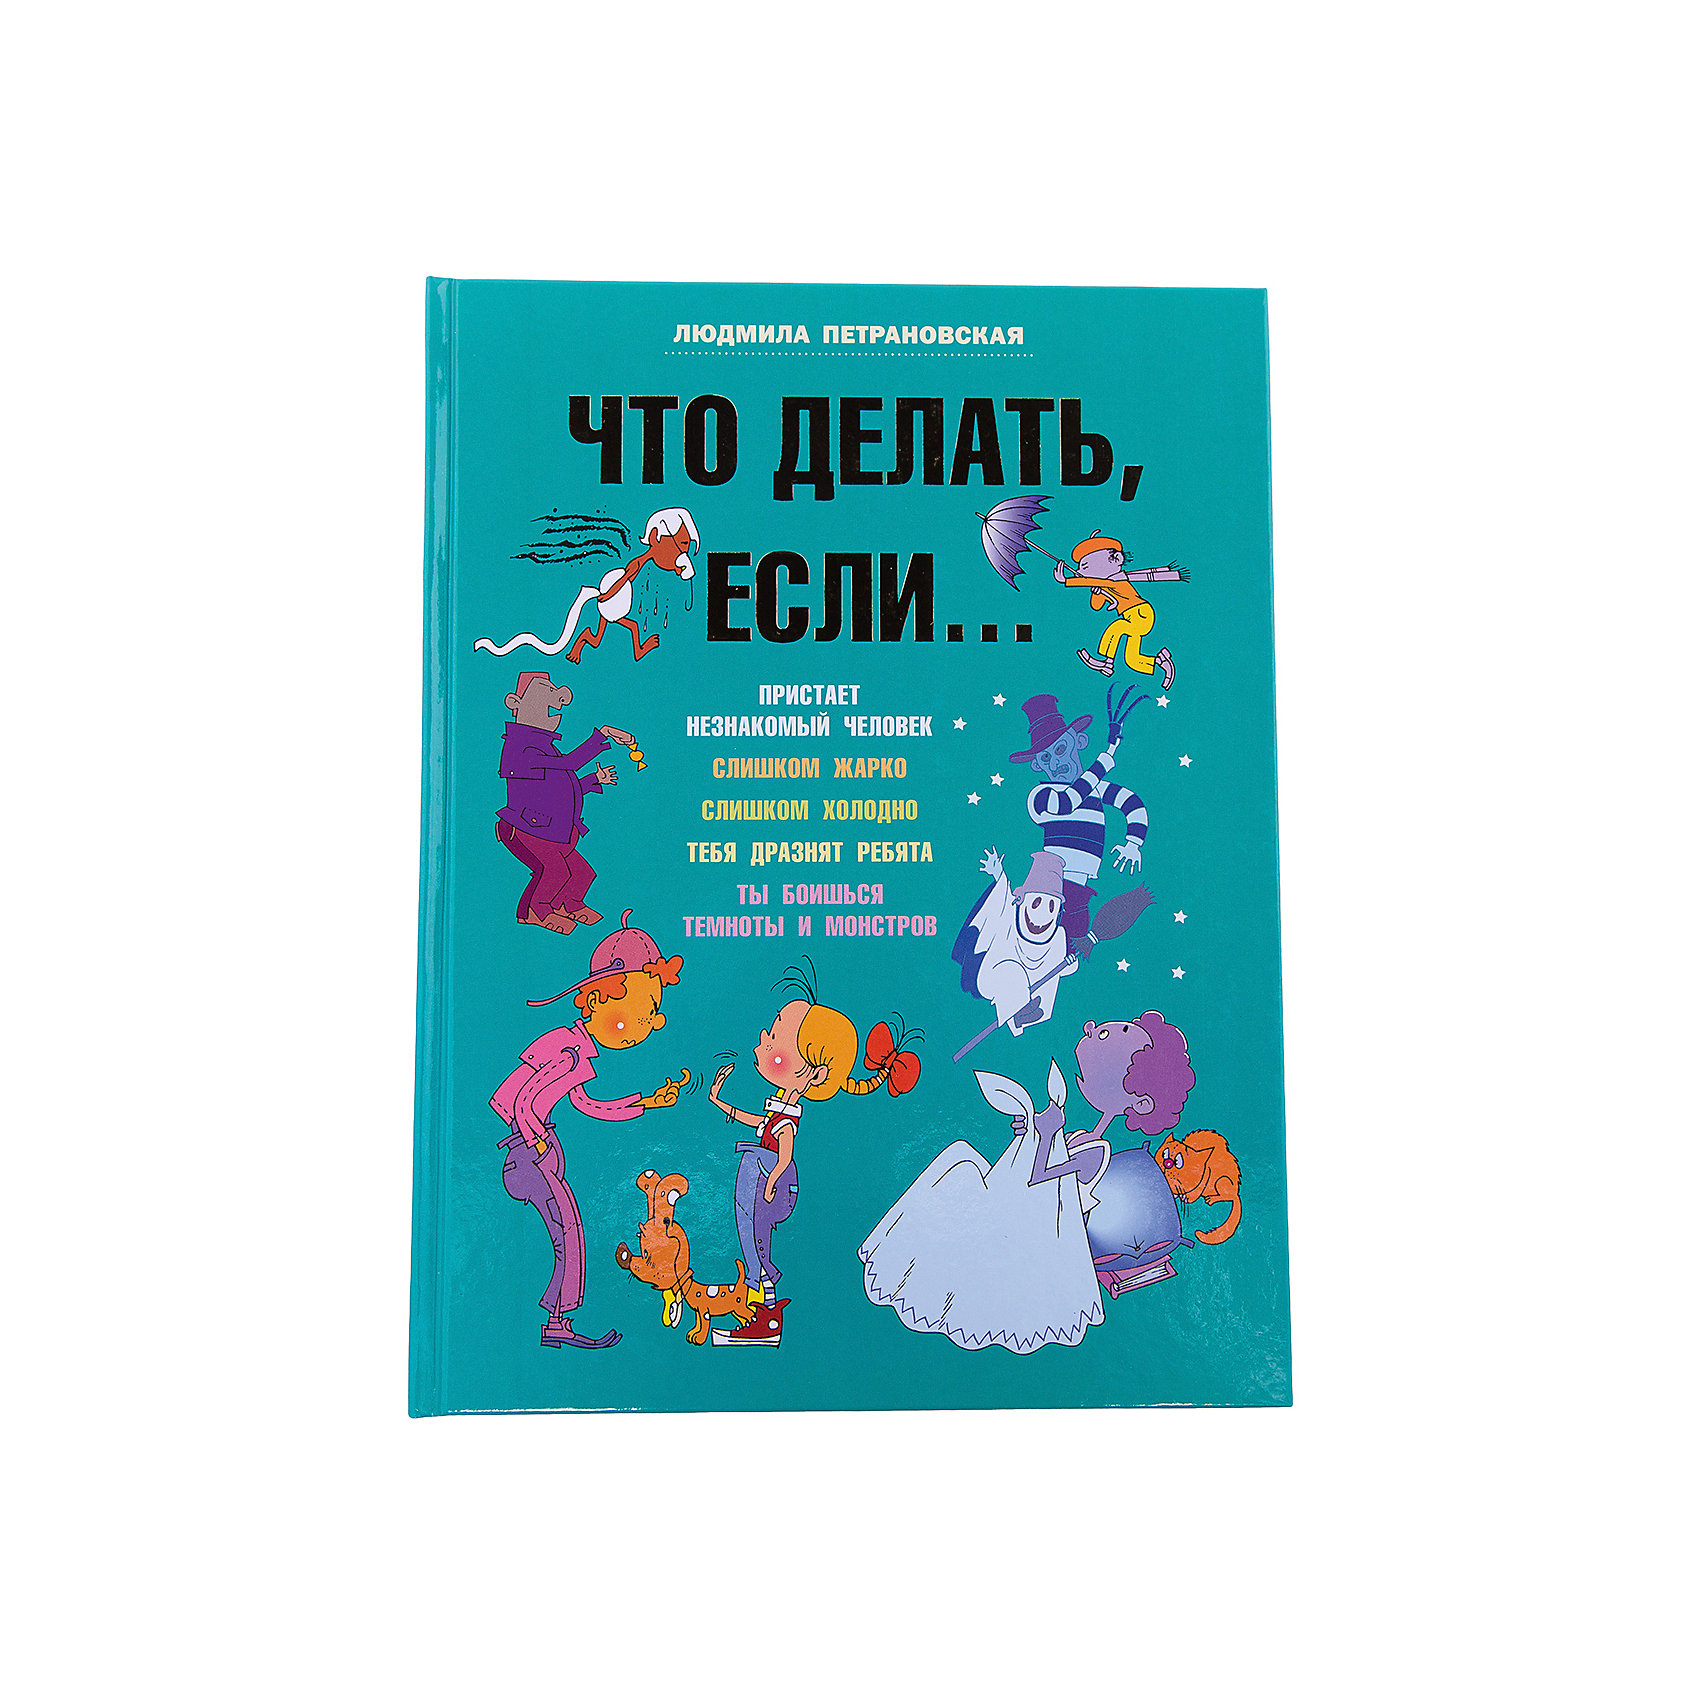 Что делать, если..., Людмила ПетрановскаяПетрановская Л.В.<br>Известный детский психолог в увлекательной форме расскажет вашему ребёнку, как правильно поступать в сложных ситуациях, скоторыми он сталкивается на каждом шагу, а красочные забавные картинки помогут ему преодолеть страх и избежать опасности.<br><br>Ширина мм: 255<br>Глубина мм: 195<br>Высота мм: 180<br>Вес г: 570<br>Возраст от месяцев: 216<br>Возраст до месяцев: 2147483647<br>Пол: Унисекс<br>Возраст: Детский<br>SKU: 6848279